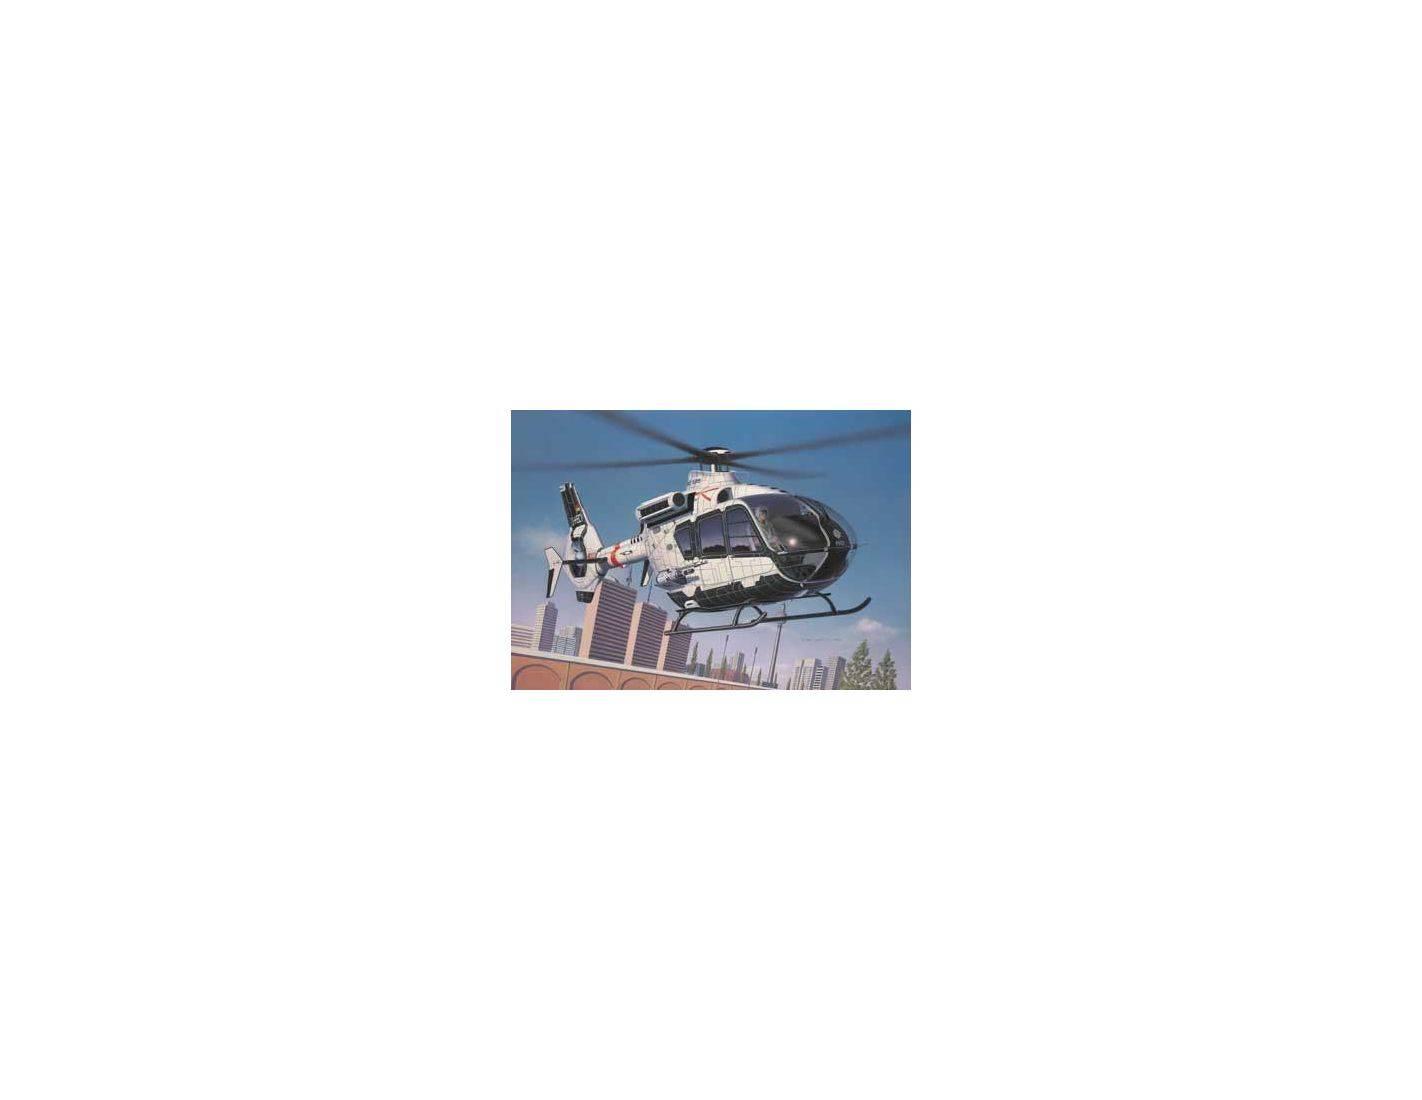 Elicottero 1 32 : Revell eeurocopter ec elicottero kit modellino